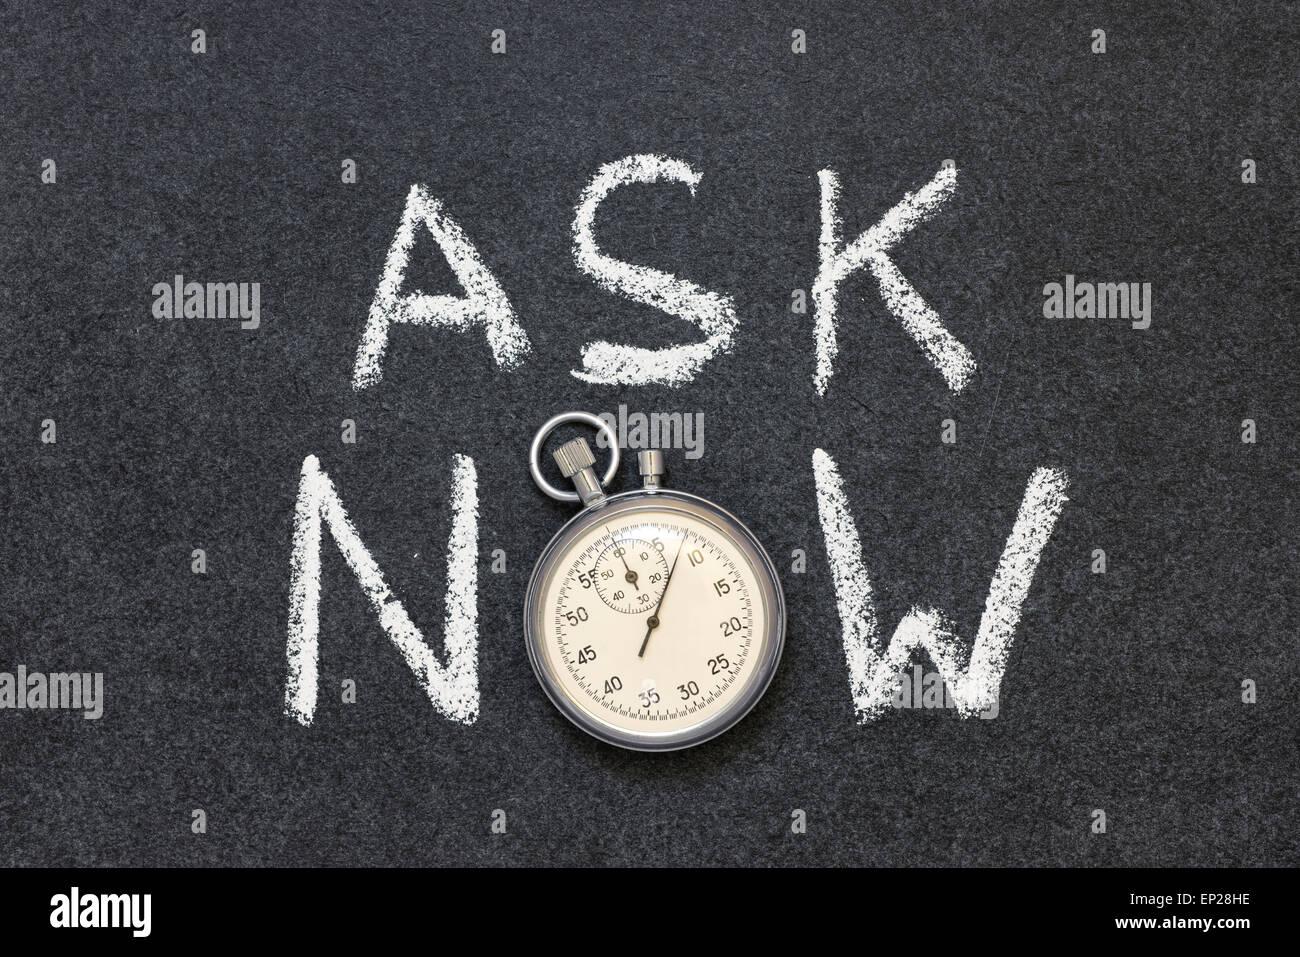 Fragen Sie jetzt Ausdruck handschriftlich auf Tafel mit Vintage präzise Stoppuhr verwendet anstelle von O Stockbild